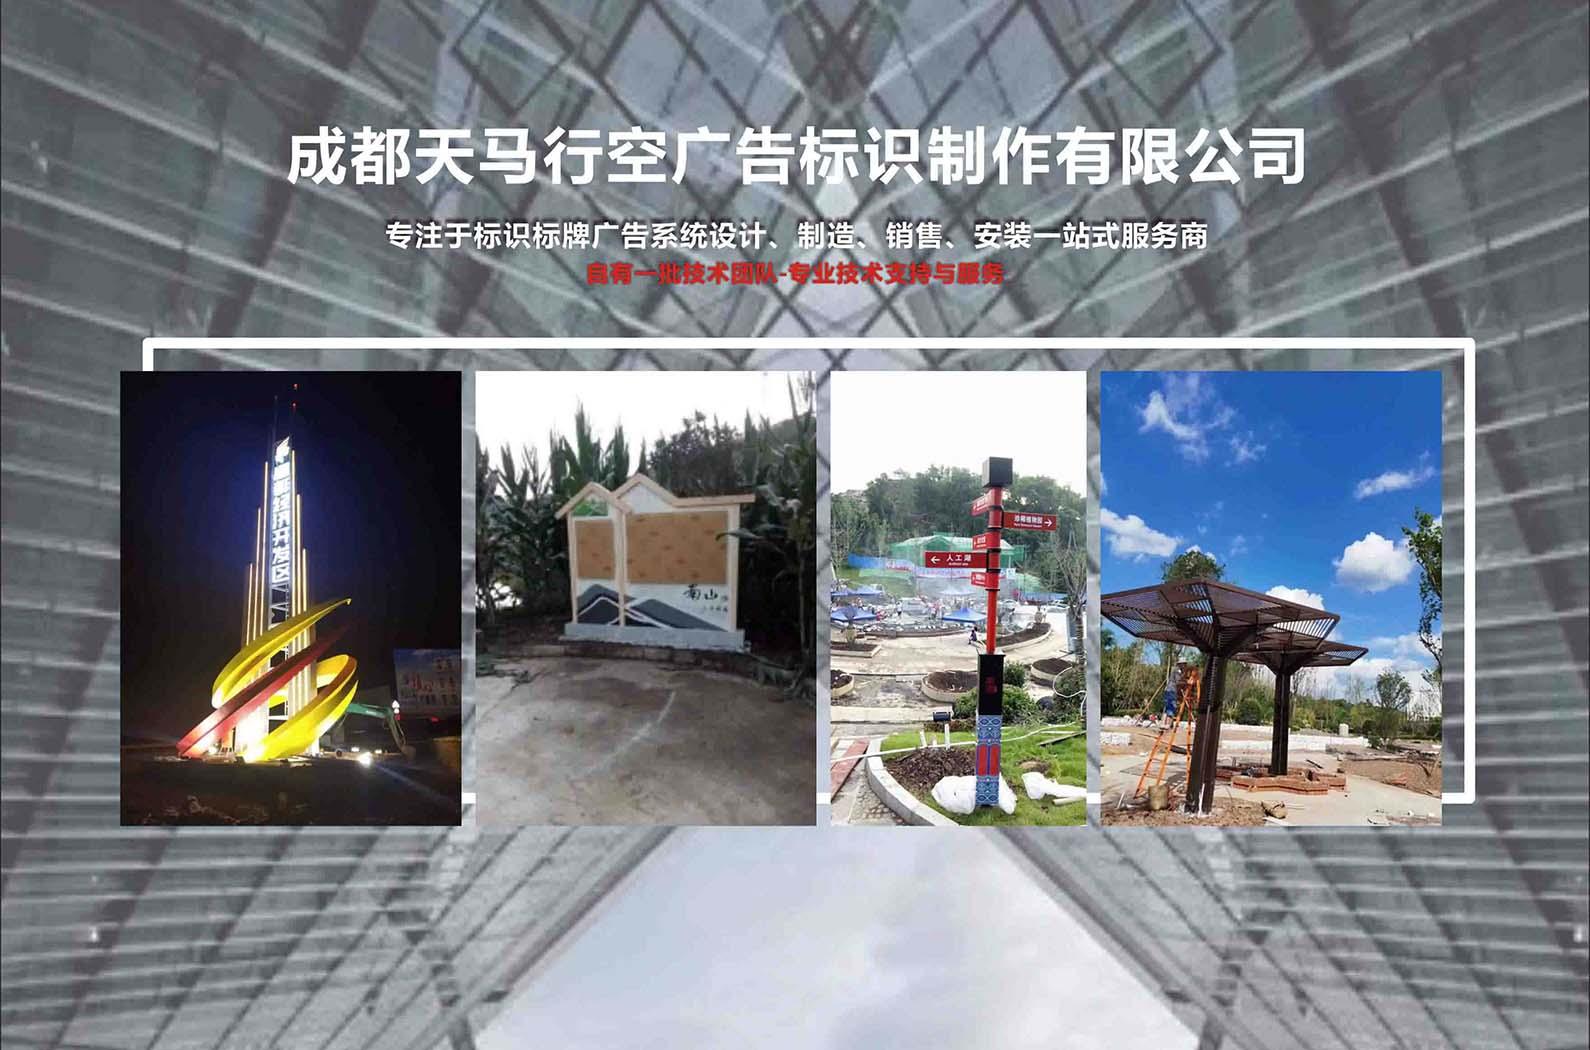 西藏标识标牌制作